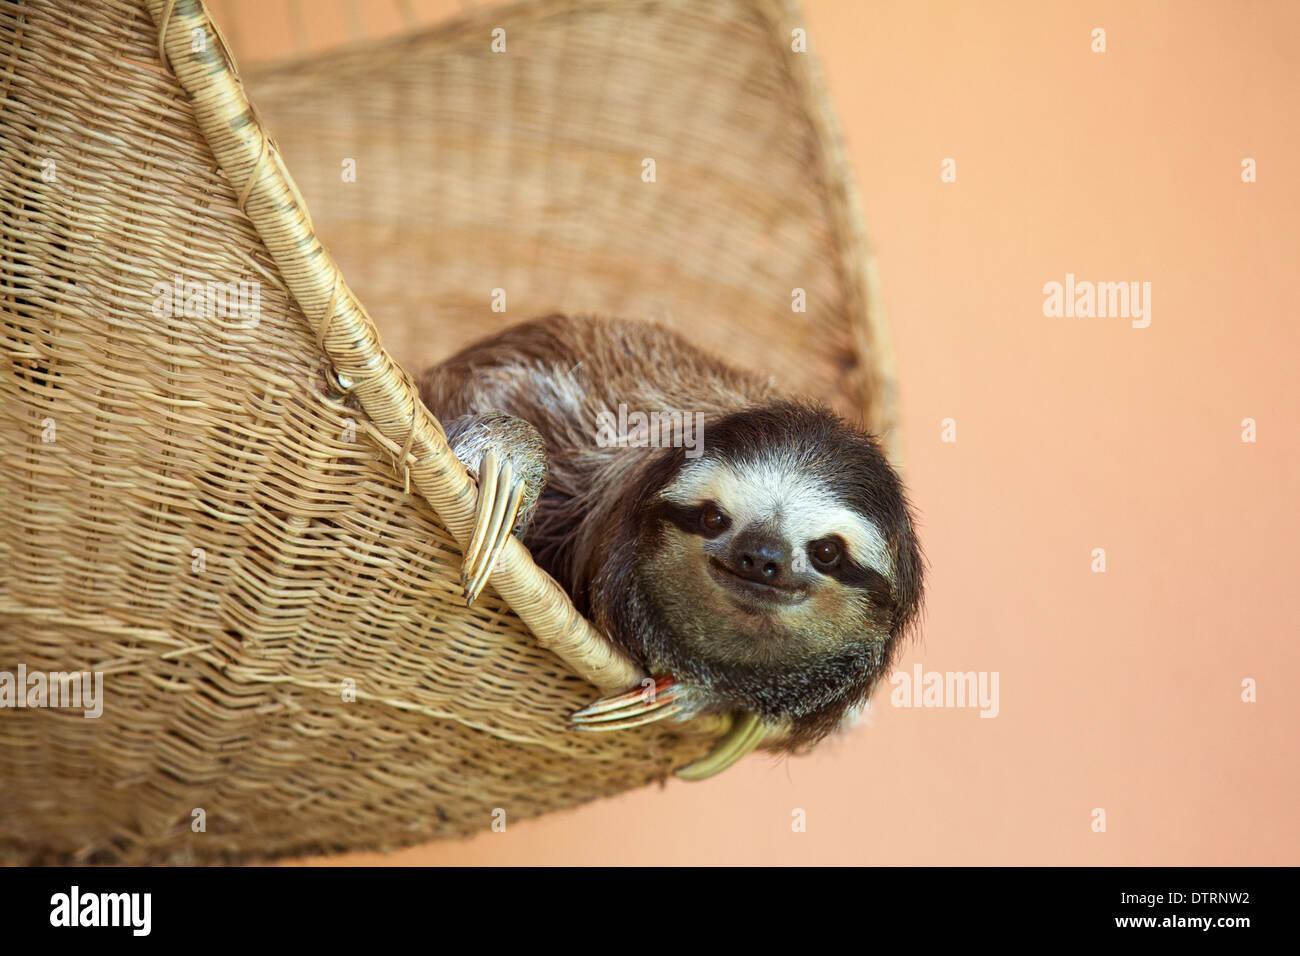 A sauvé trois-toed Sloth (Bradypus variegatus) à la paresse Sanctuaire de Costa Rica Photo Stock